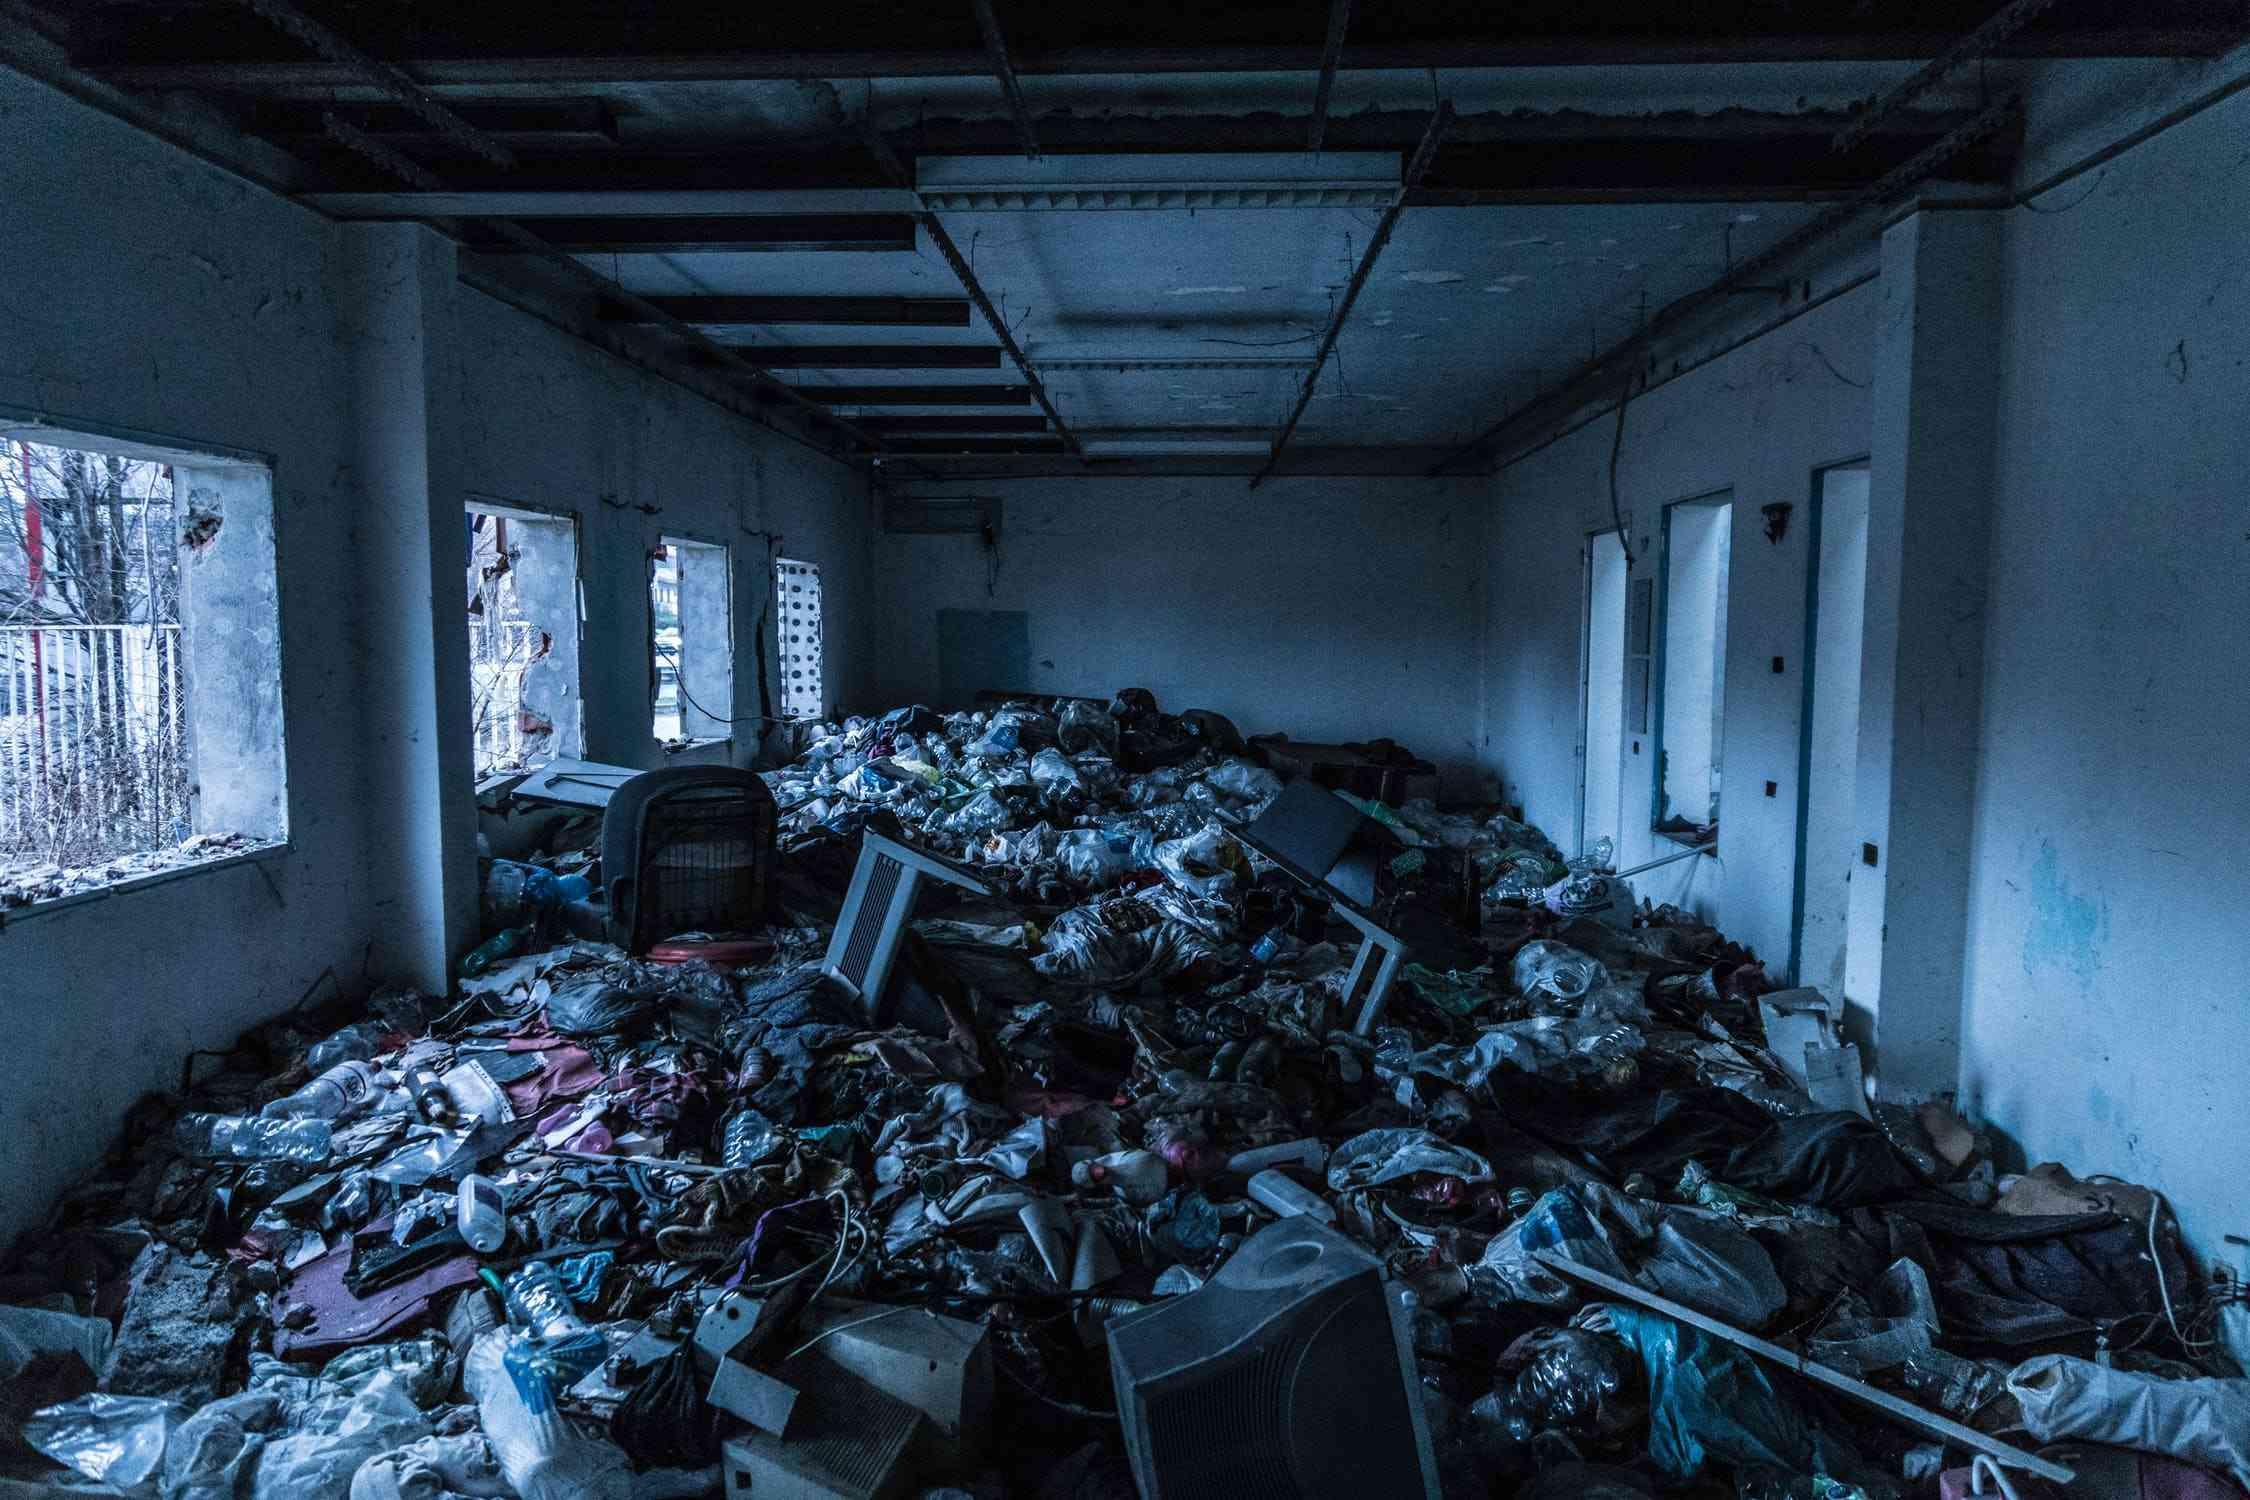 odpady z gospodarstwa domowego